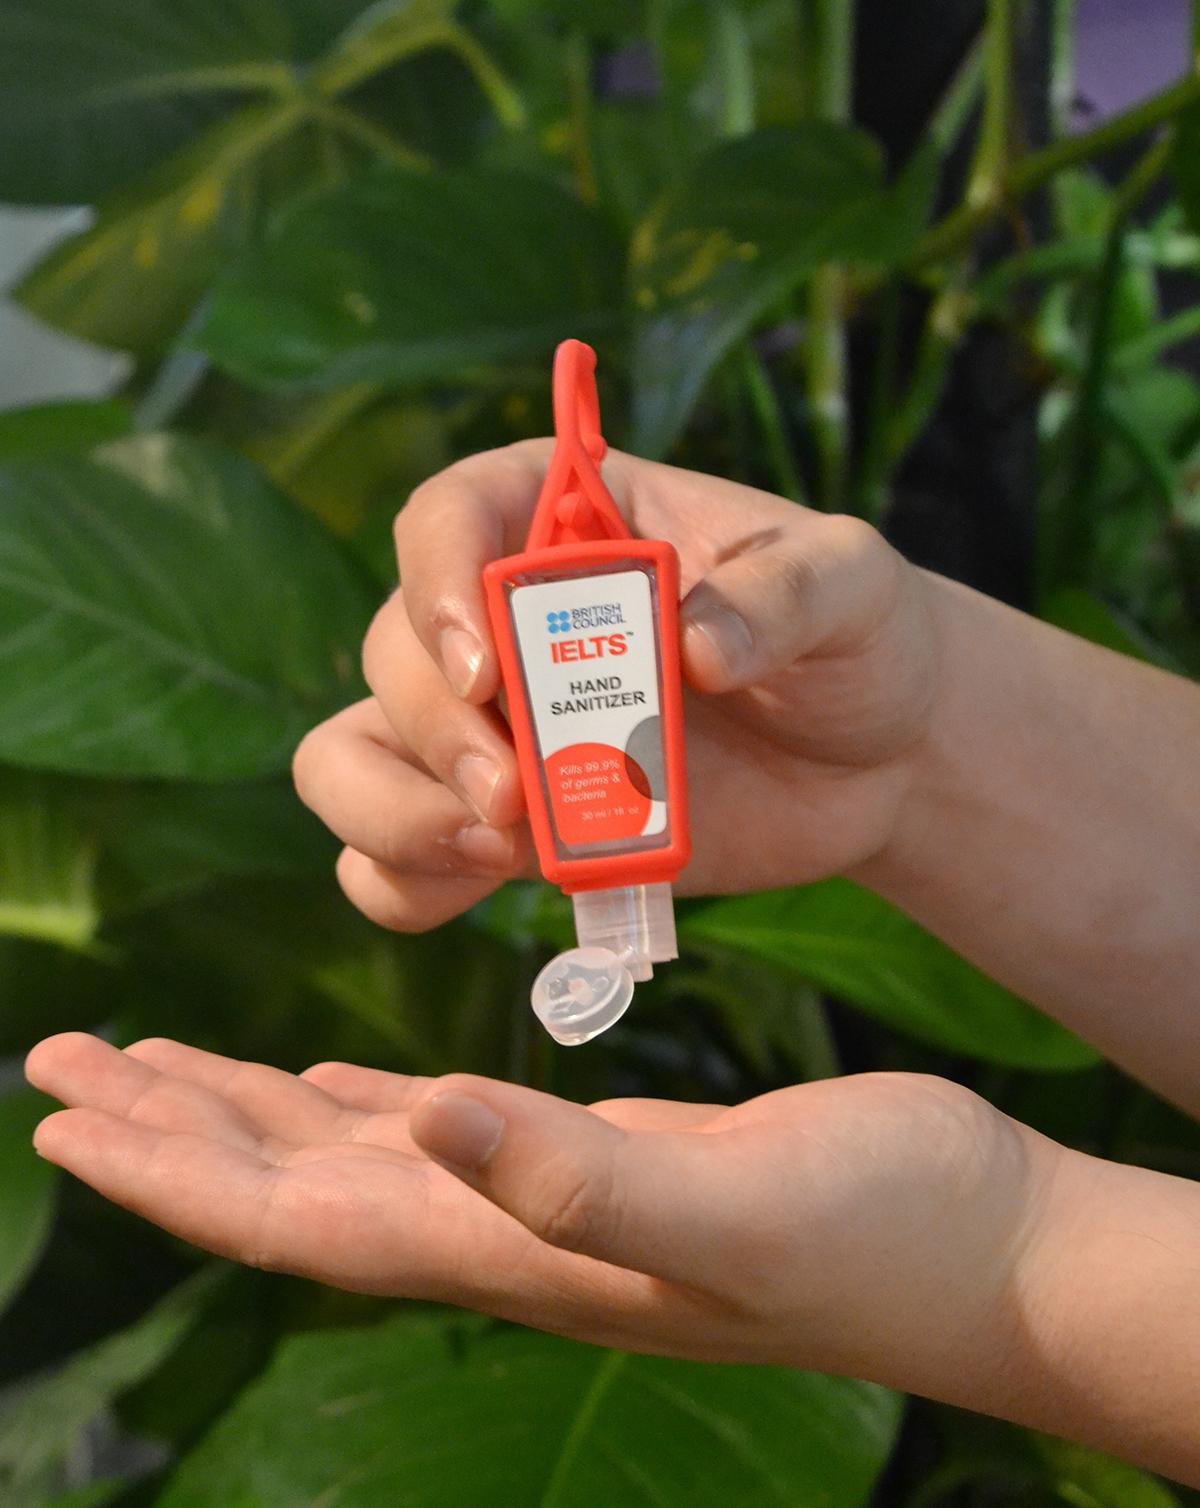 Thí sinh được tặng nước rửa tay sát khuẩn trong ngày thi.